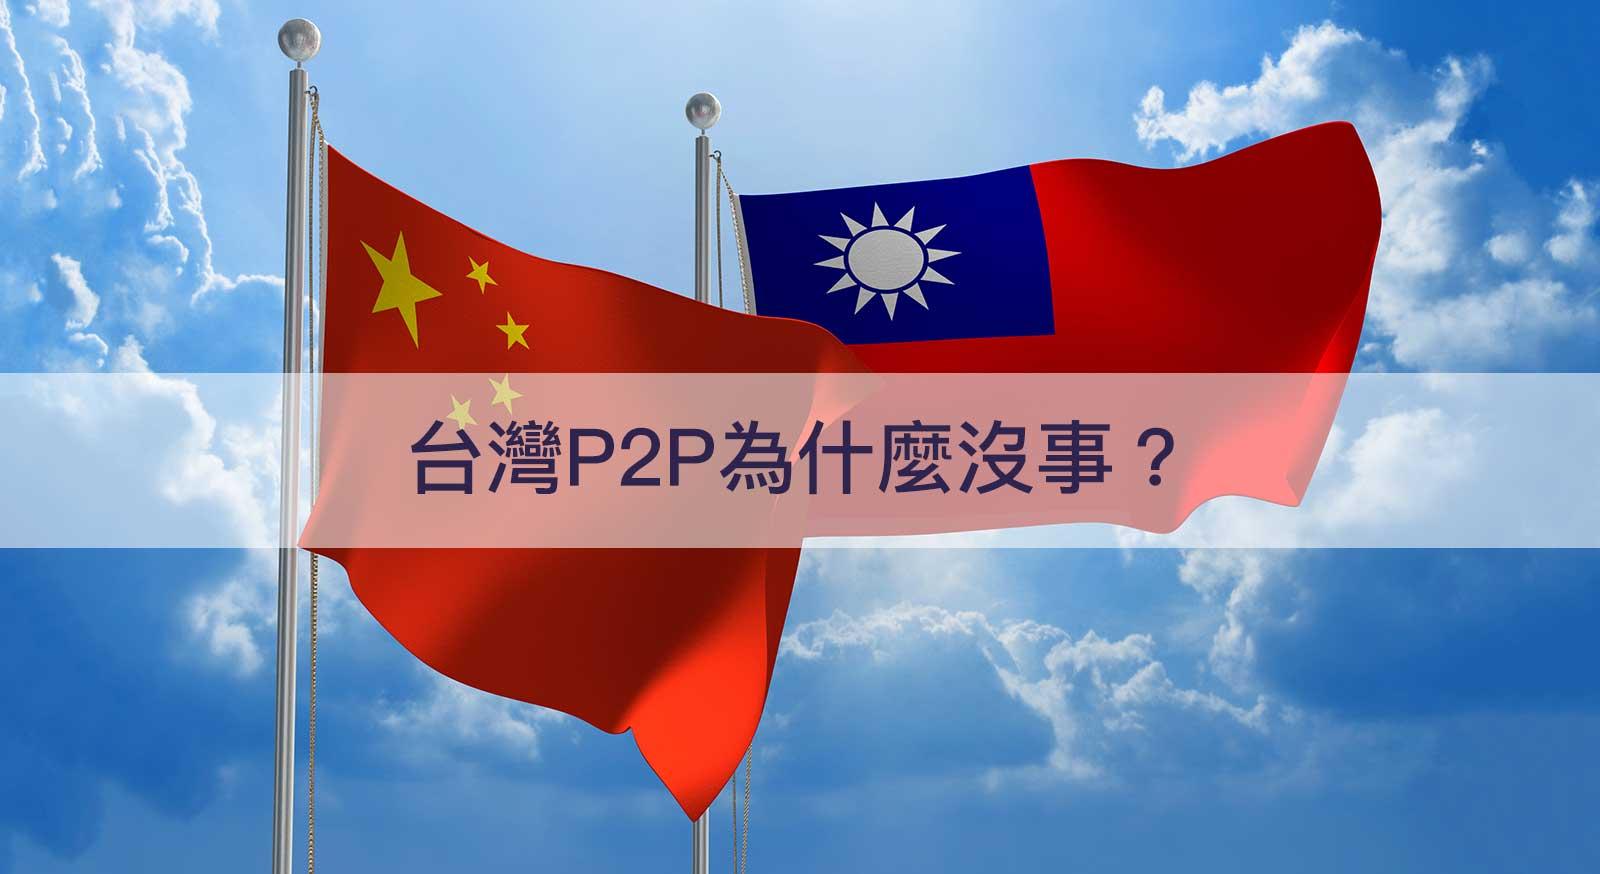 為什麼台灣p2p沒問題